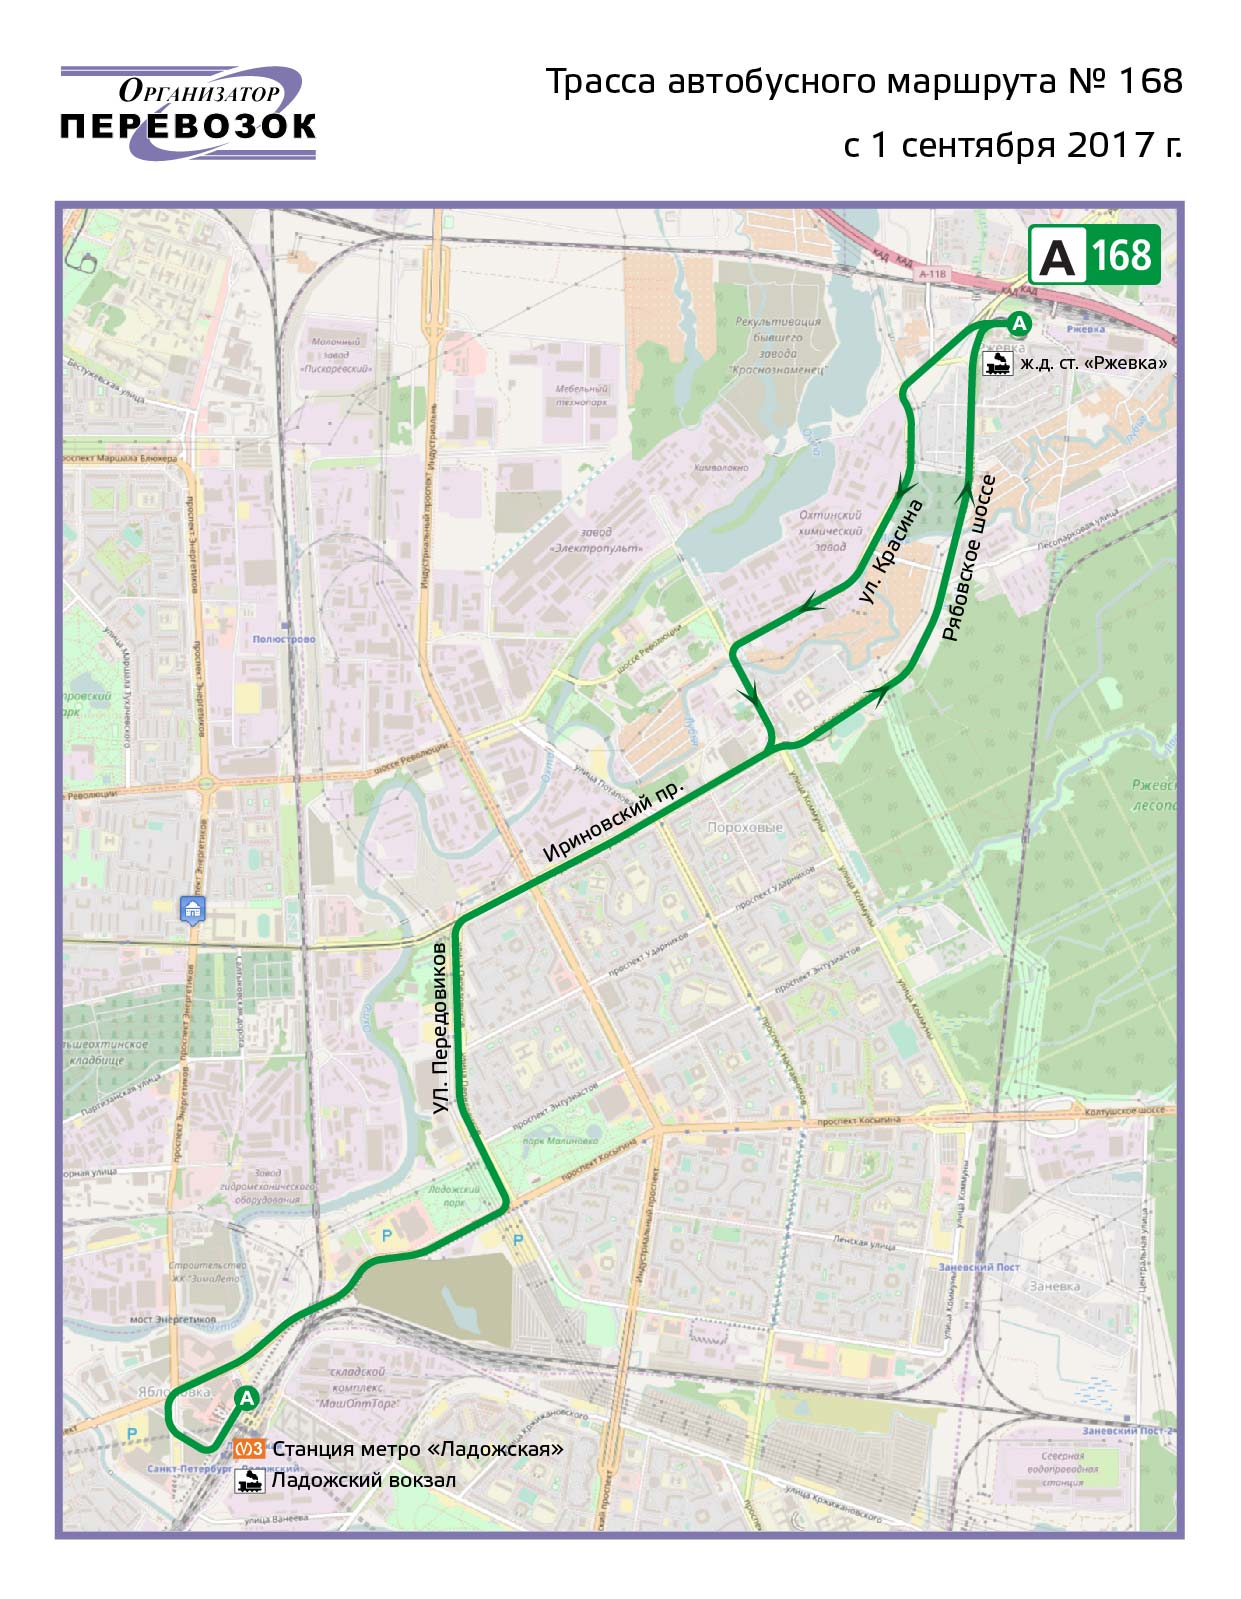 расписание маршрута 718 автобуса москва более